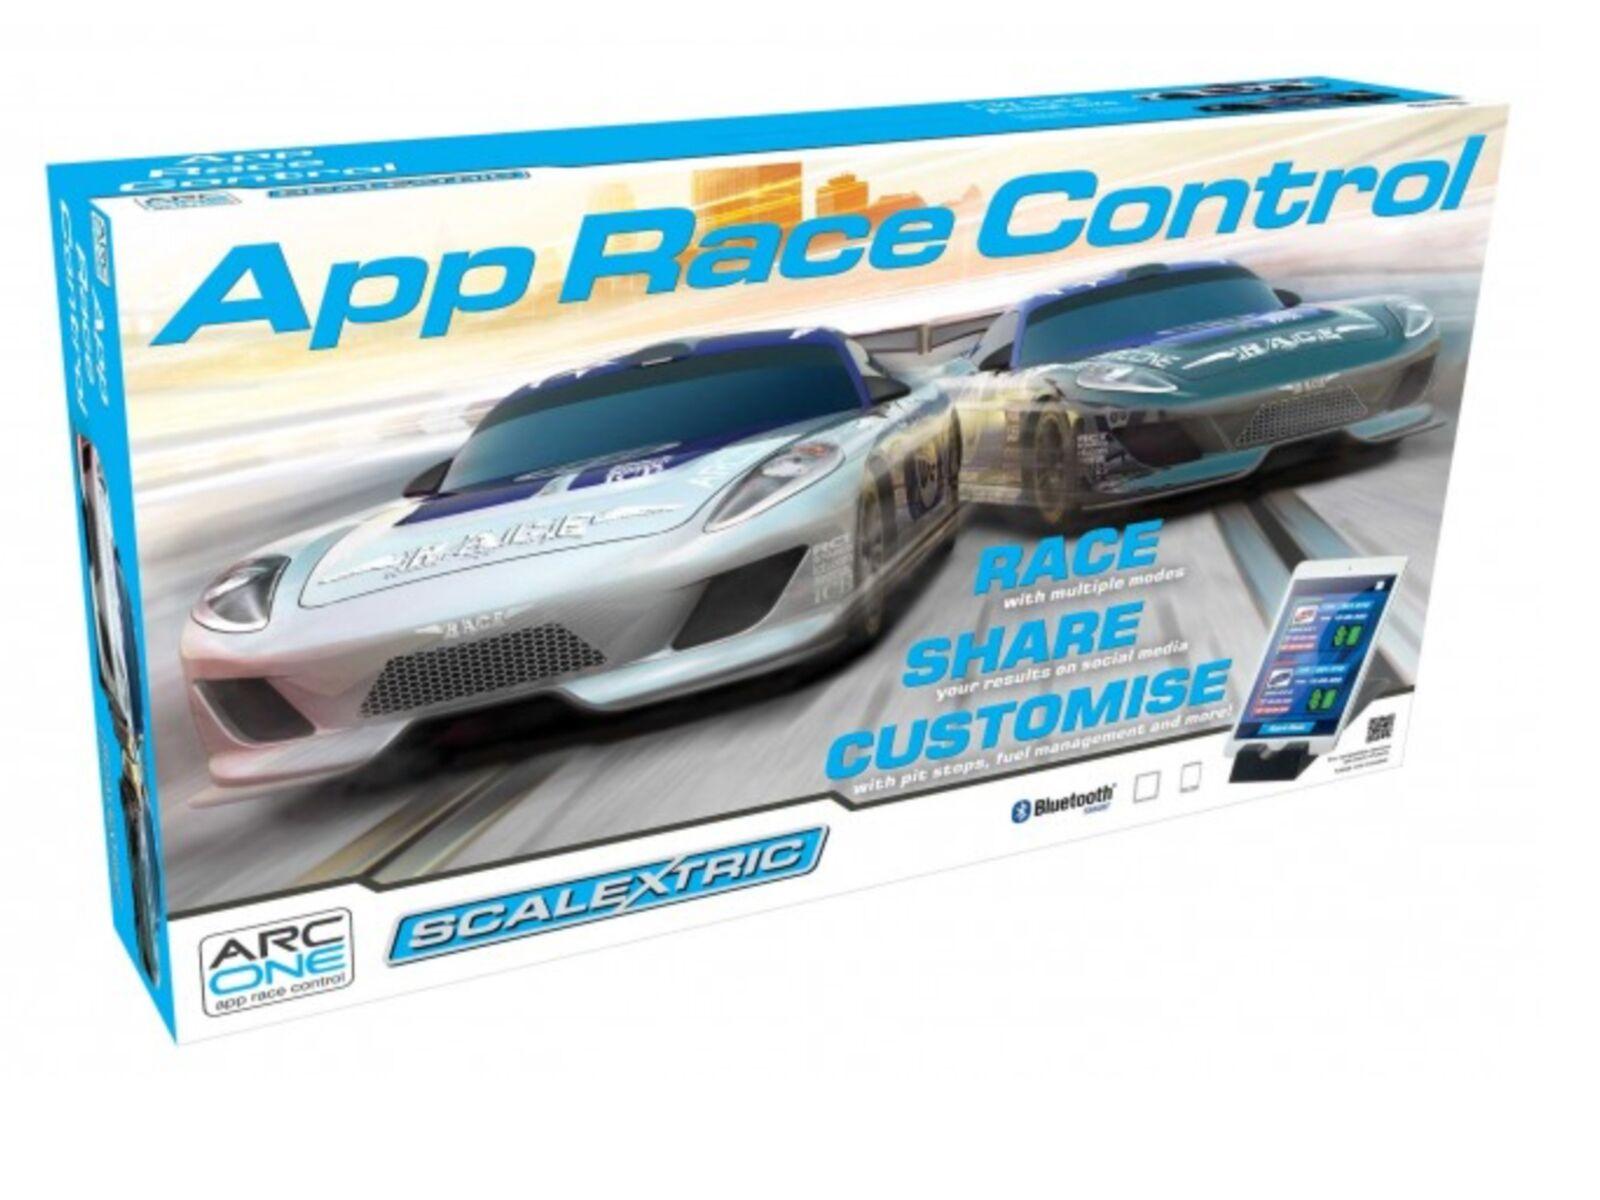 Scalextric 1/32 Arc una aplicación Race Control RCS ranura de coche carrera Set Nº de artículo C1329T F/S